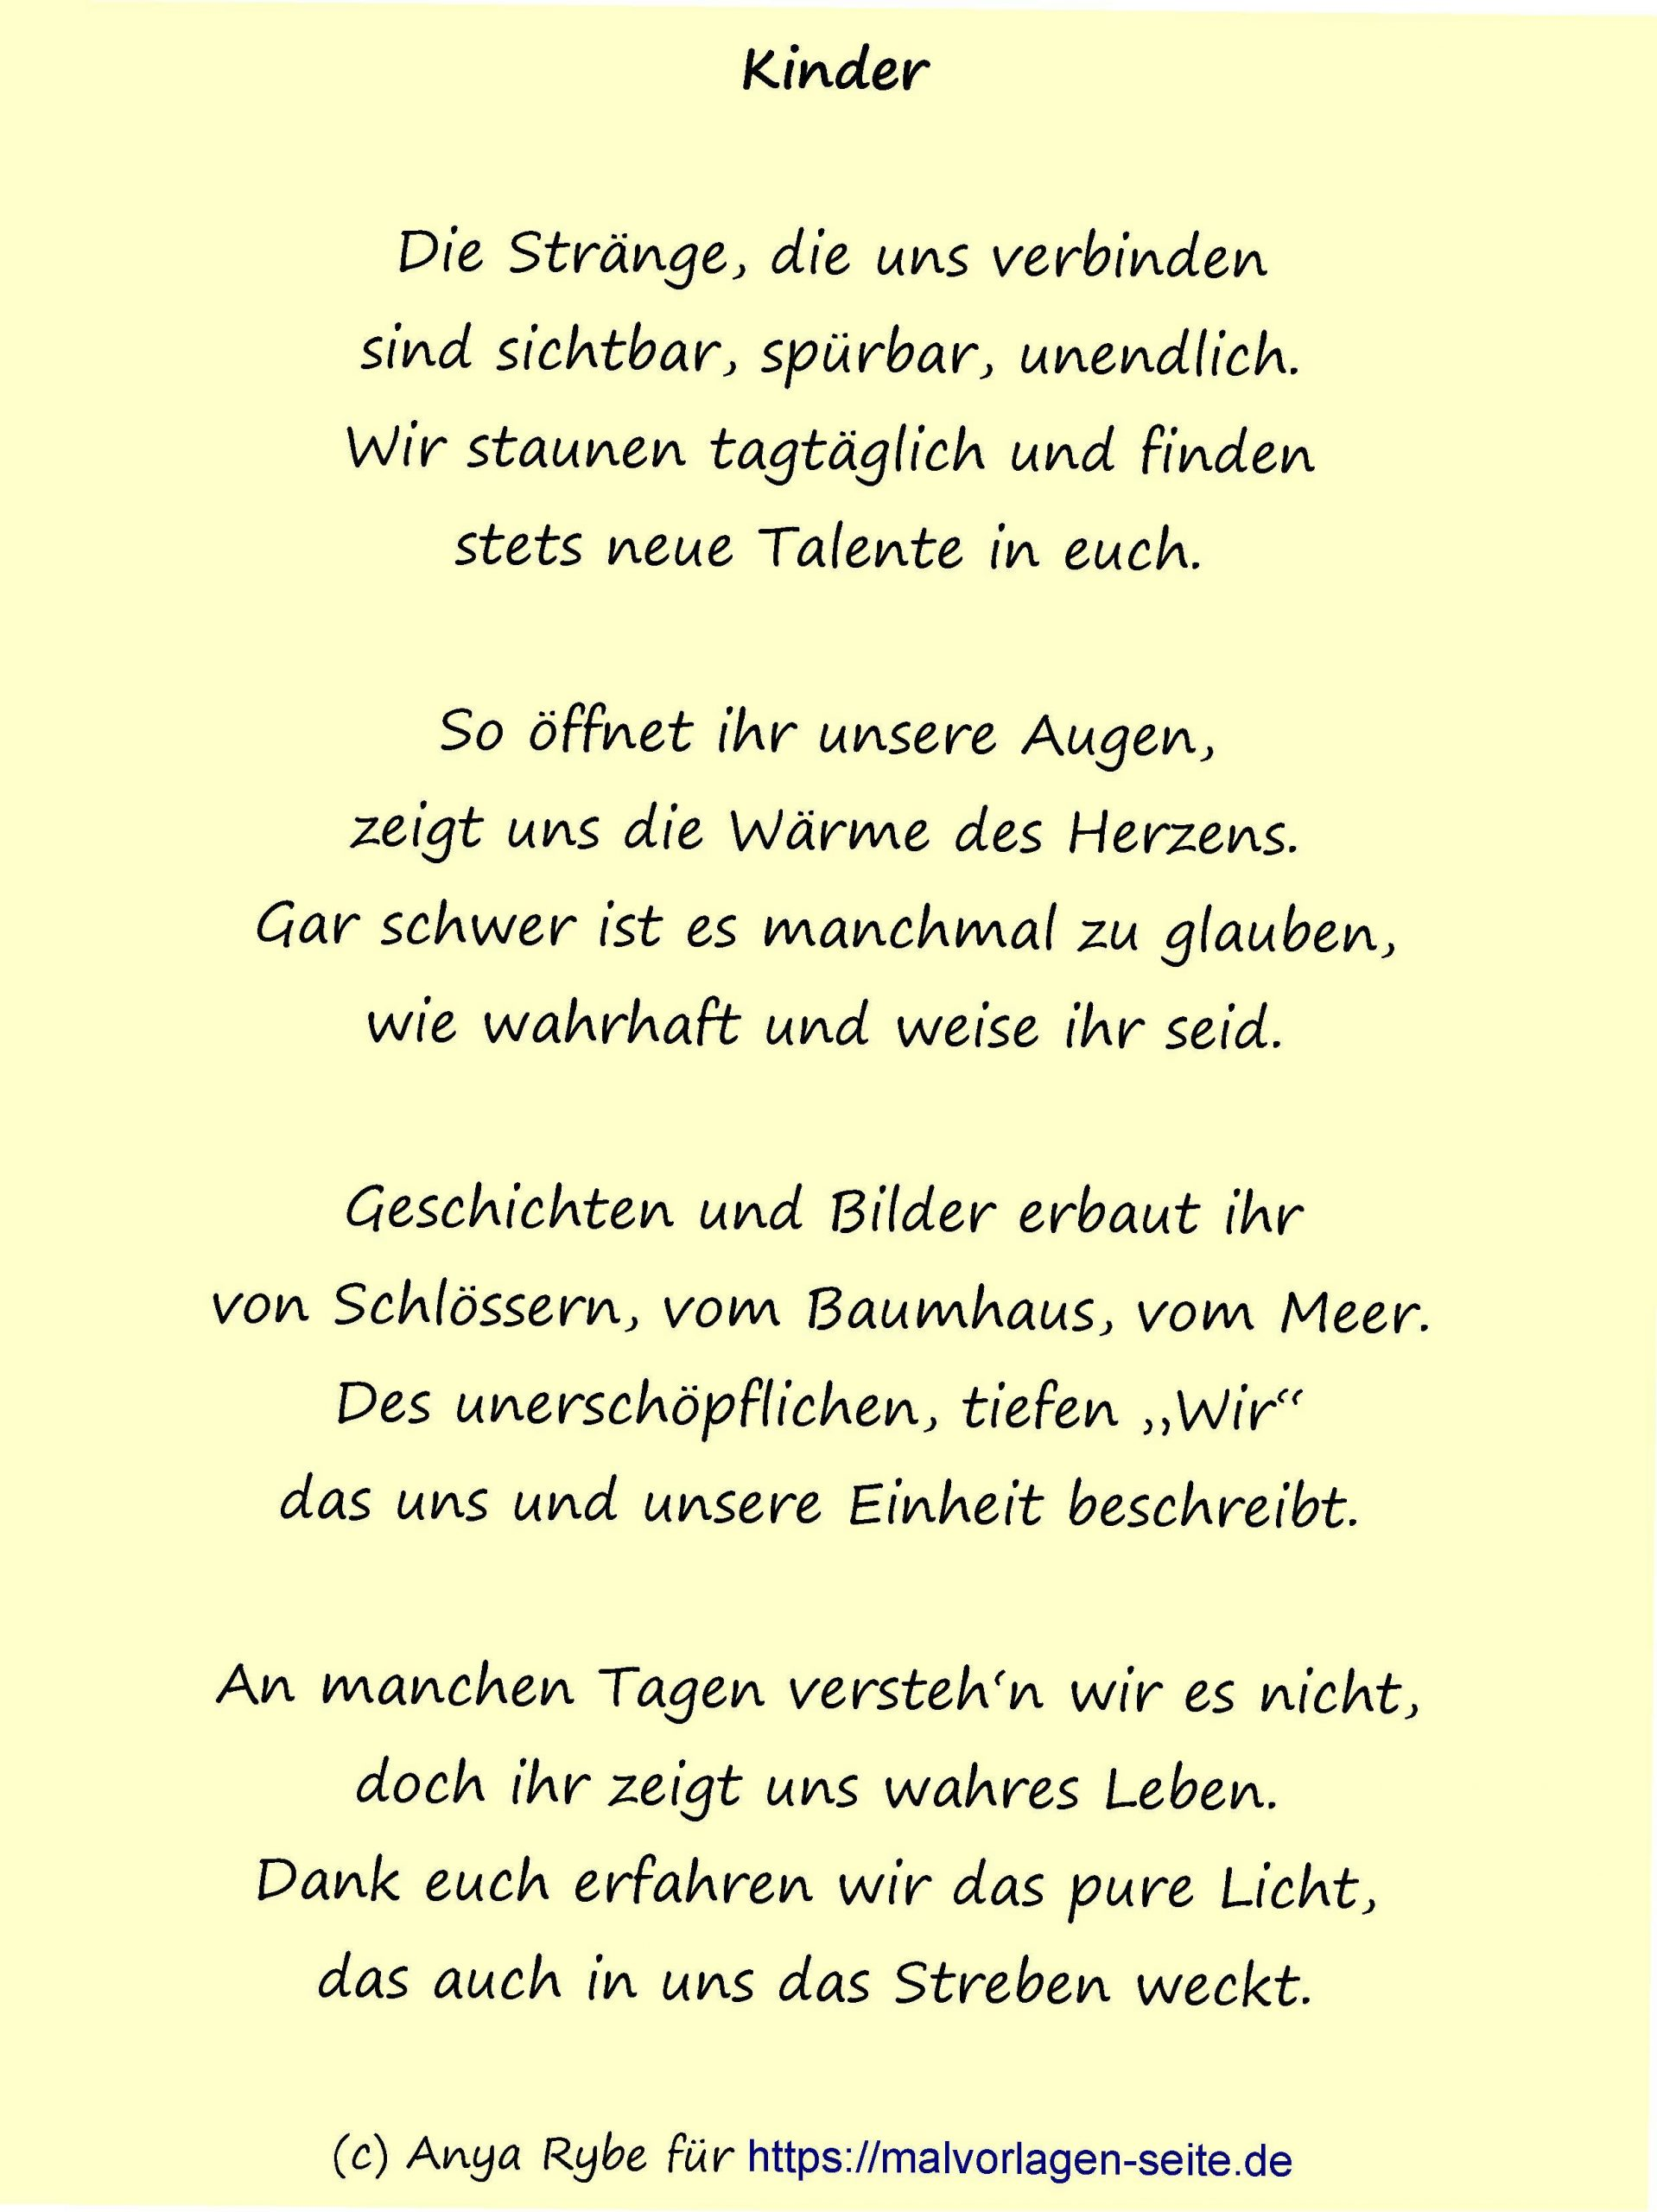 Schöne Neue Gedichte Über Kinder - Auch Ohne Eigene Kinder über Adventsgedicht Für Kindergartenkinder